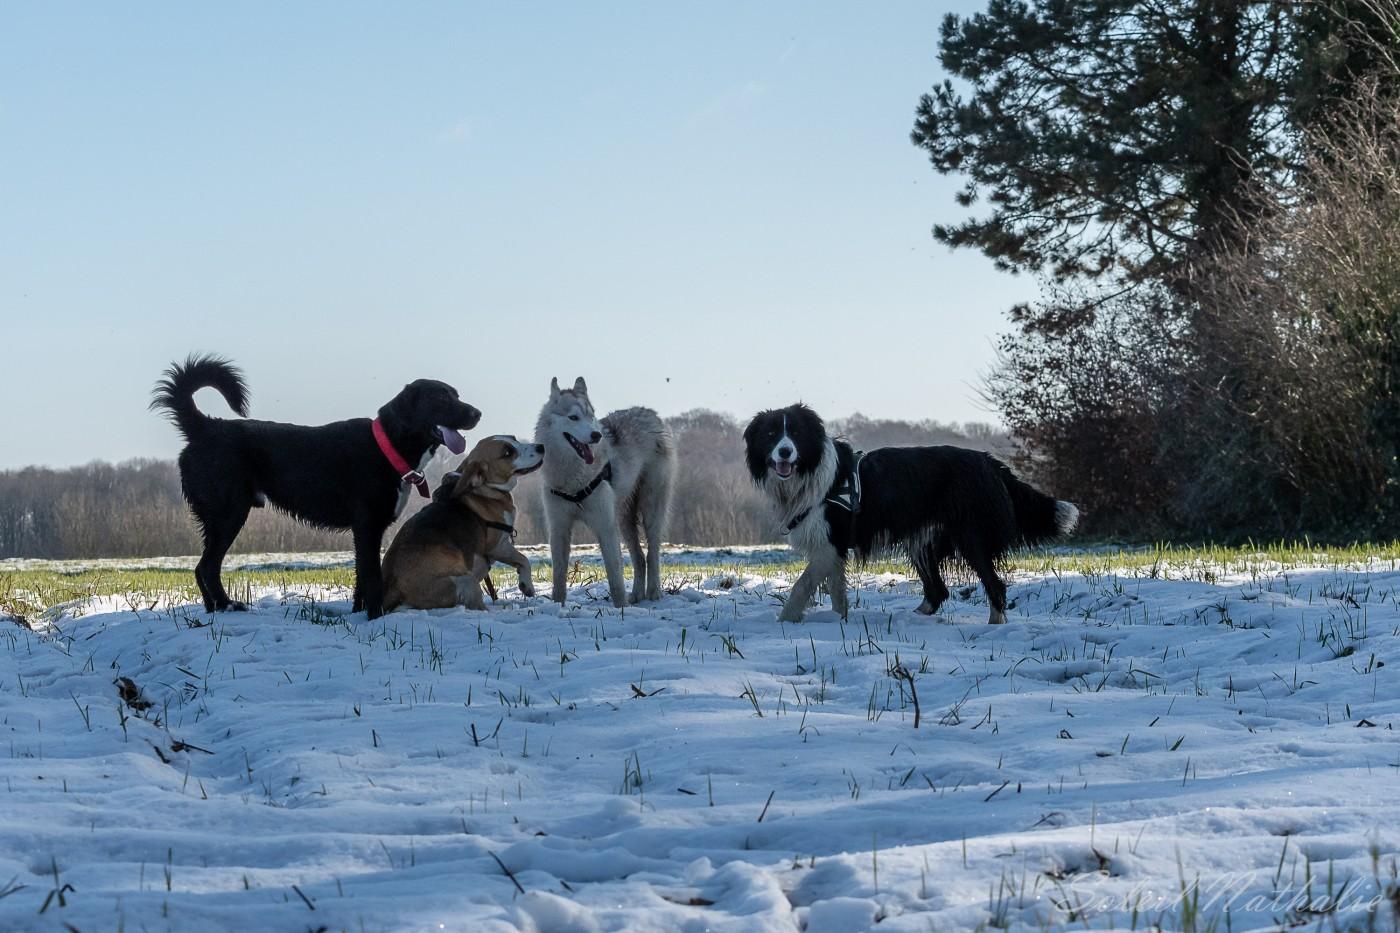 Border collie, Beagle et des congénères